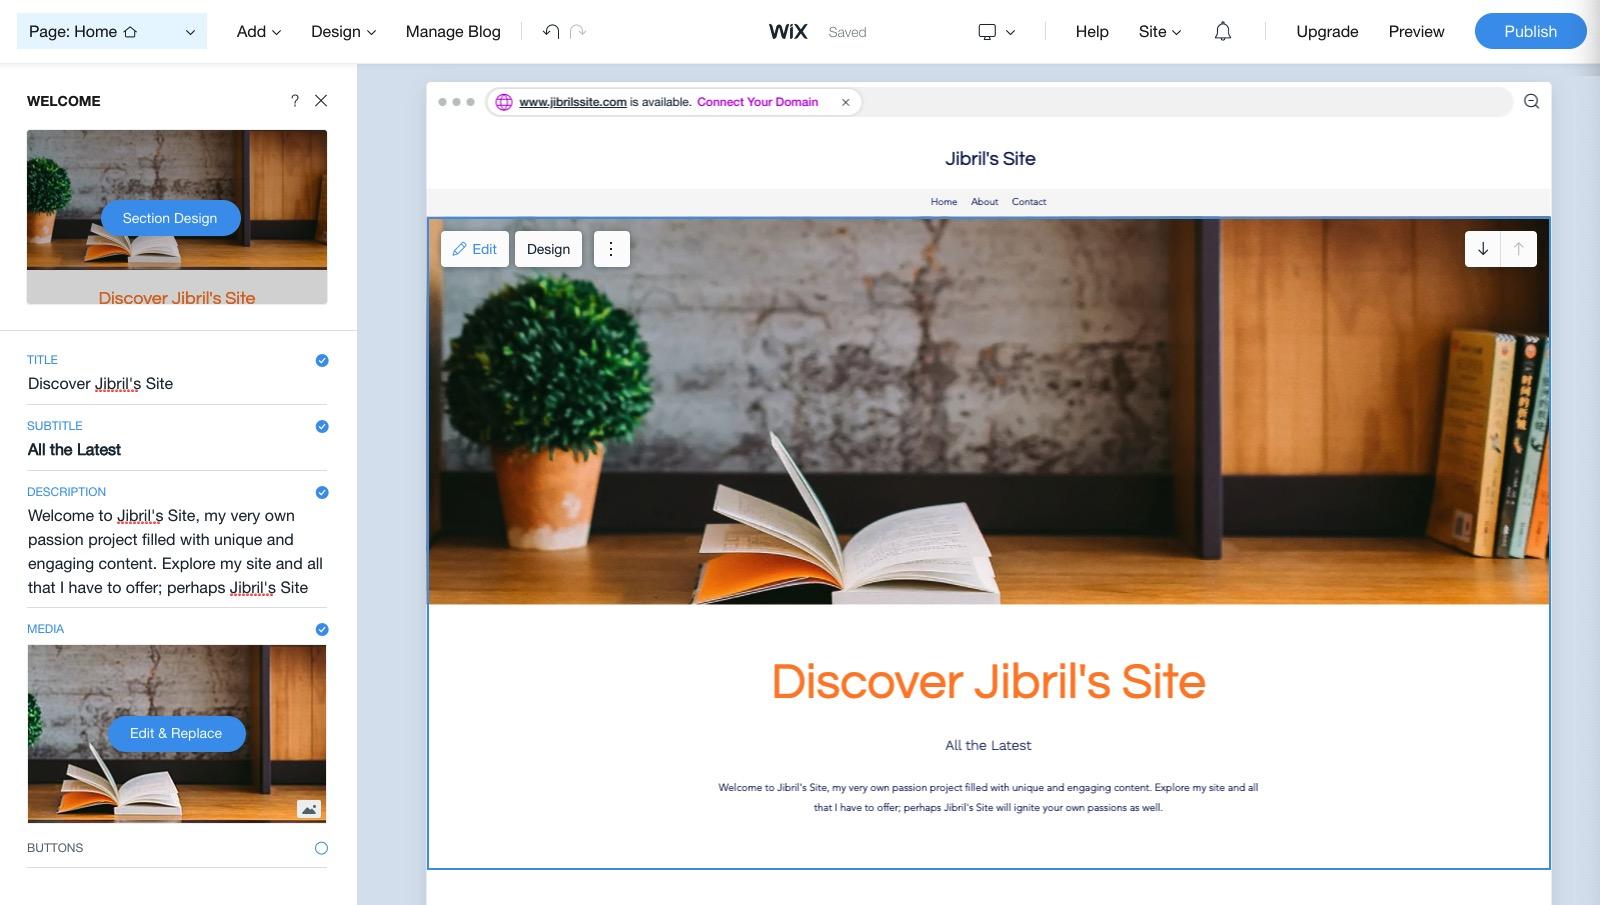 wix-site-edit